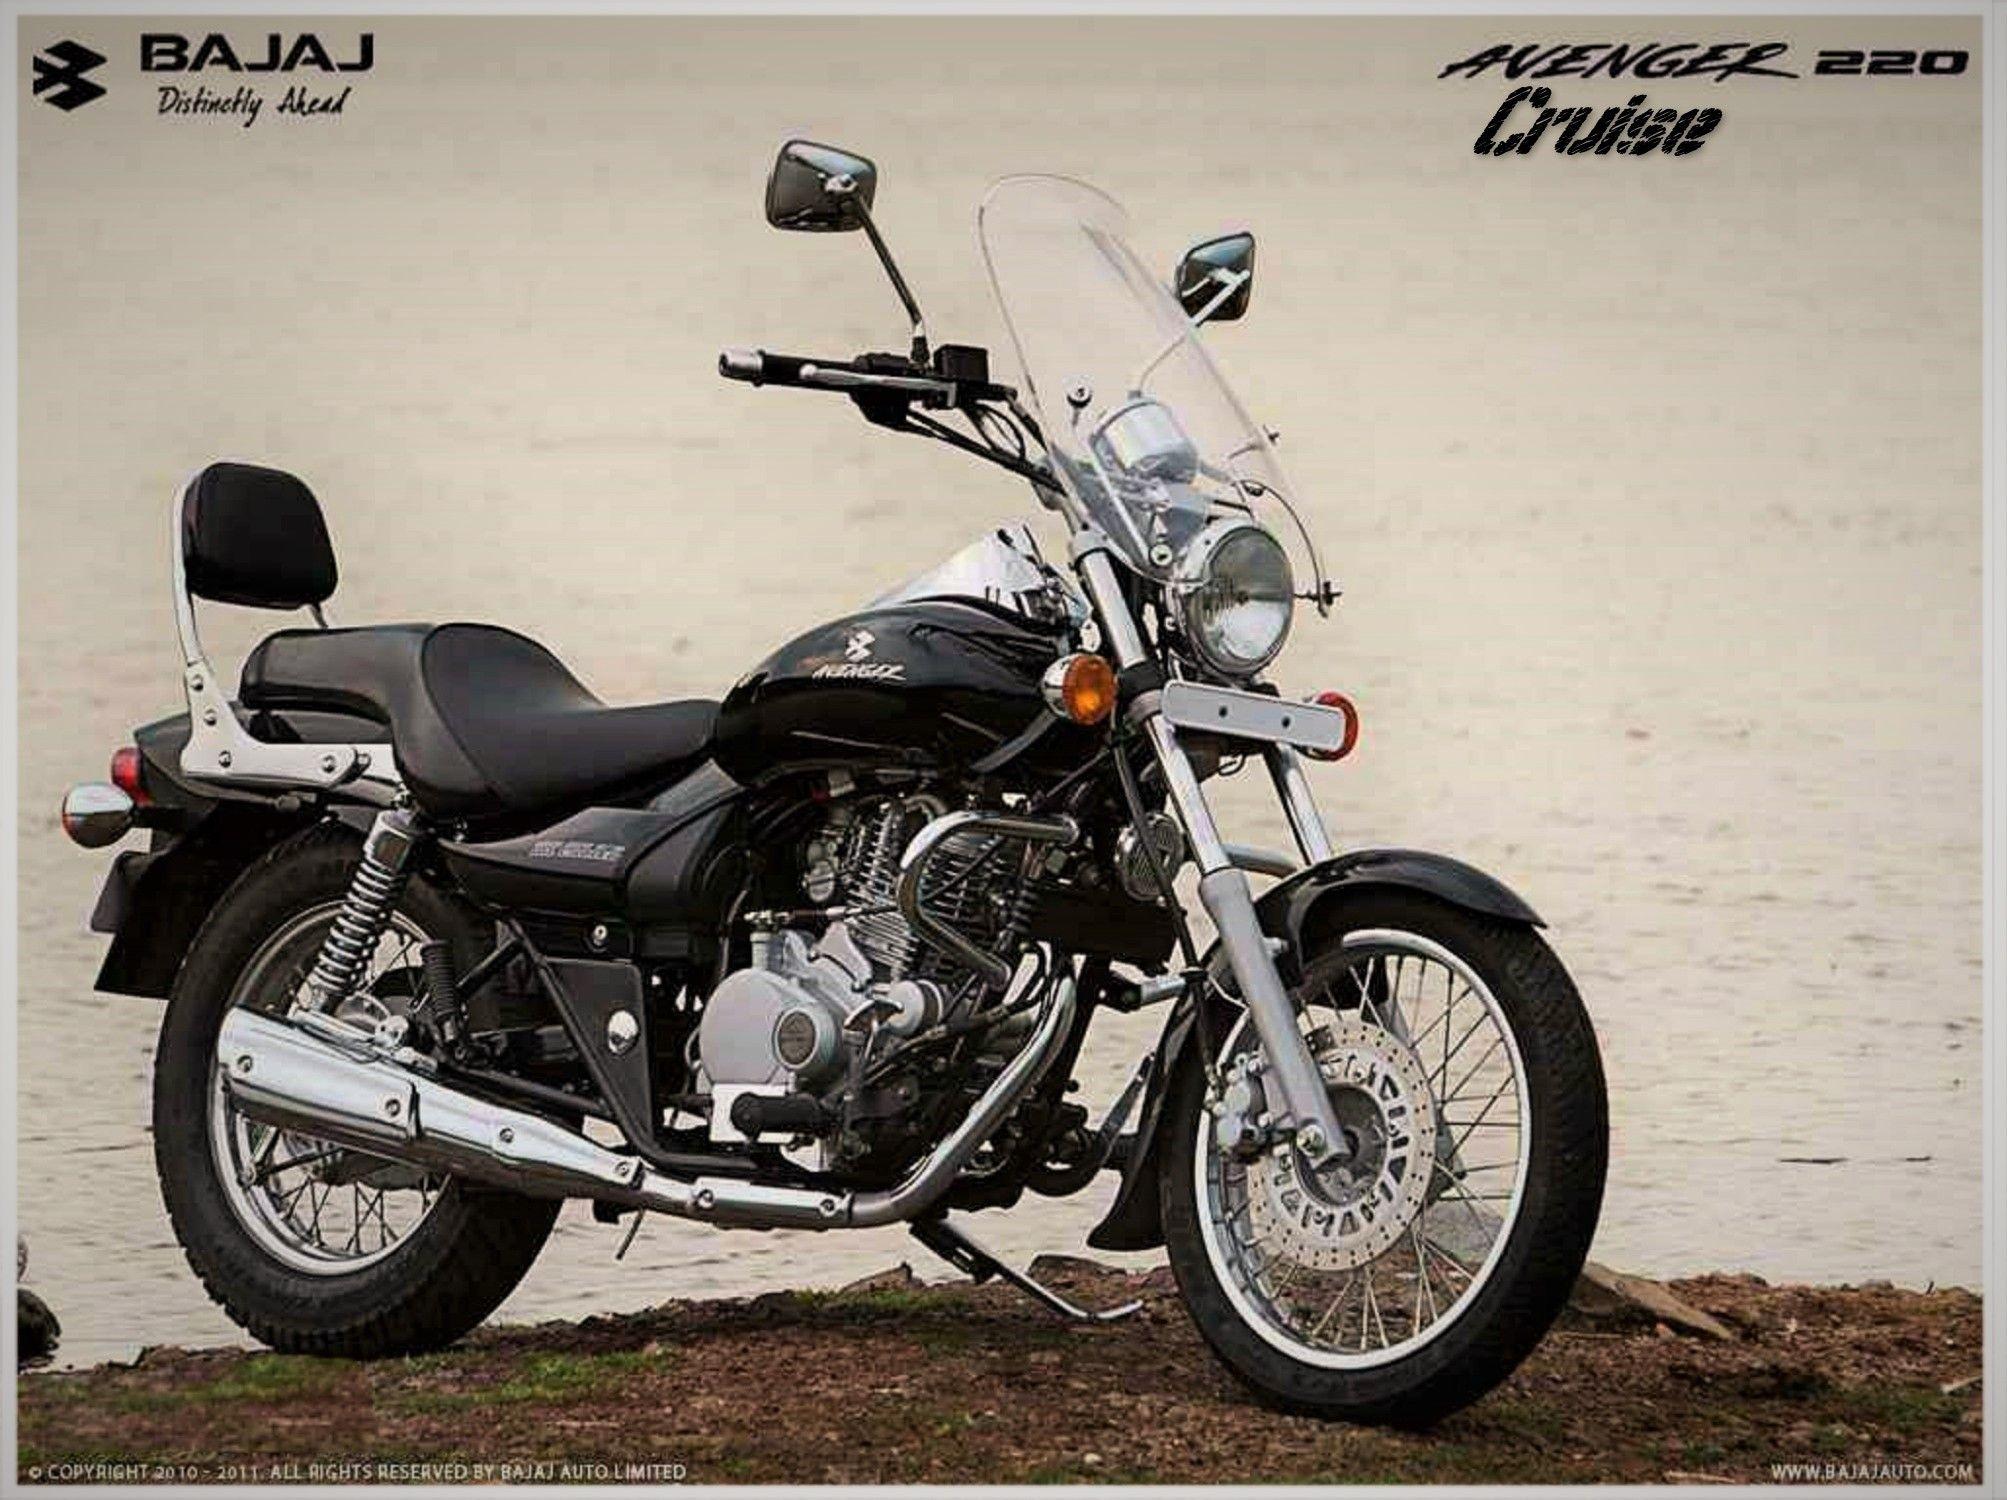 Bajaj auto will launch its new cruiser motorcycle bajaj avenger in the of confirmed by rajiv bajaj md ceo of bajaj auto